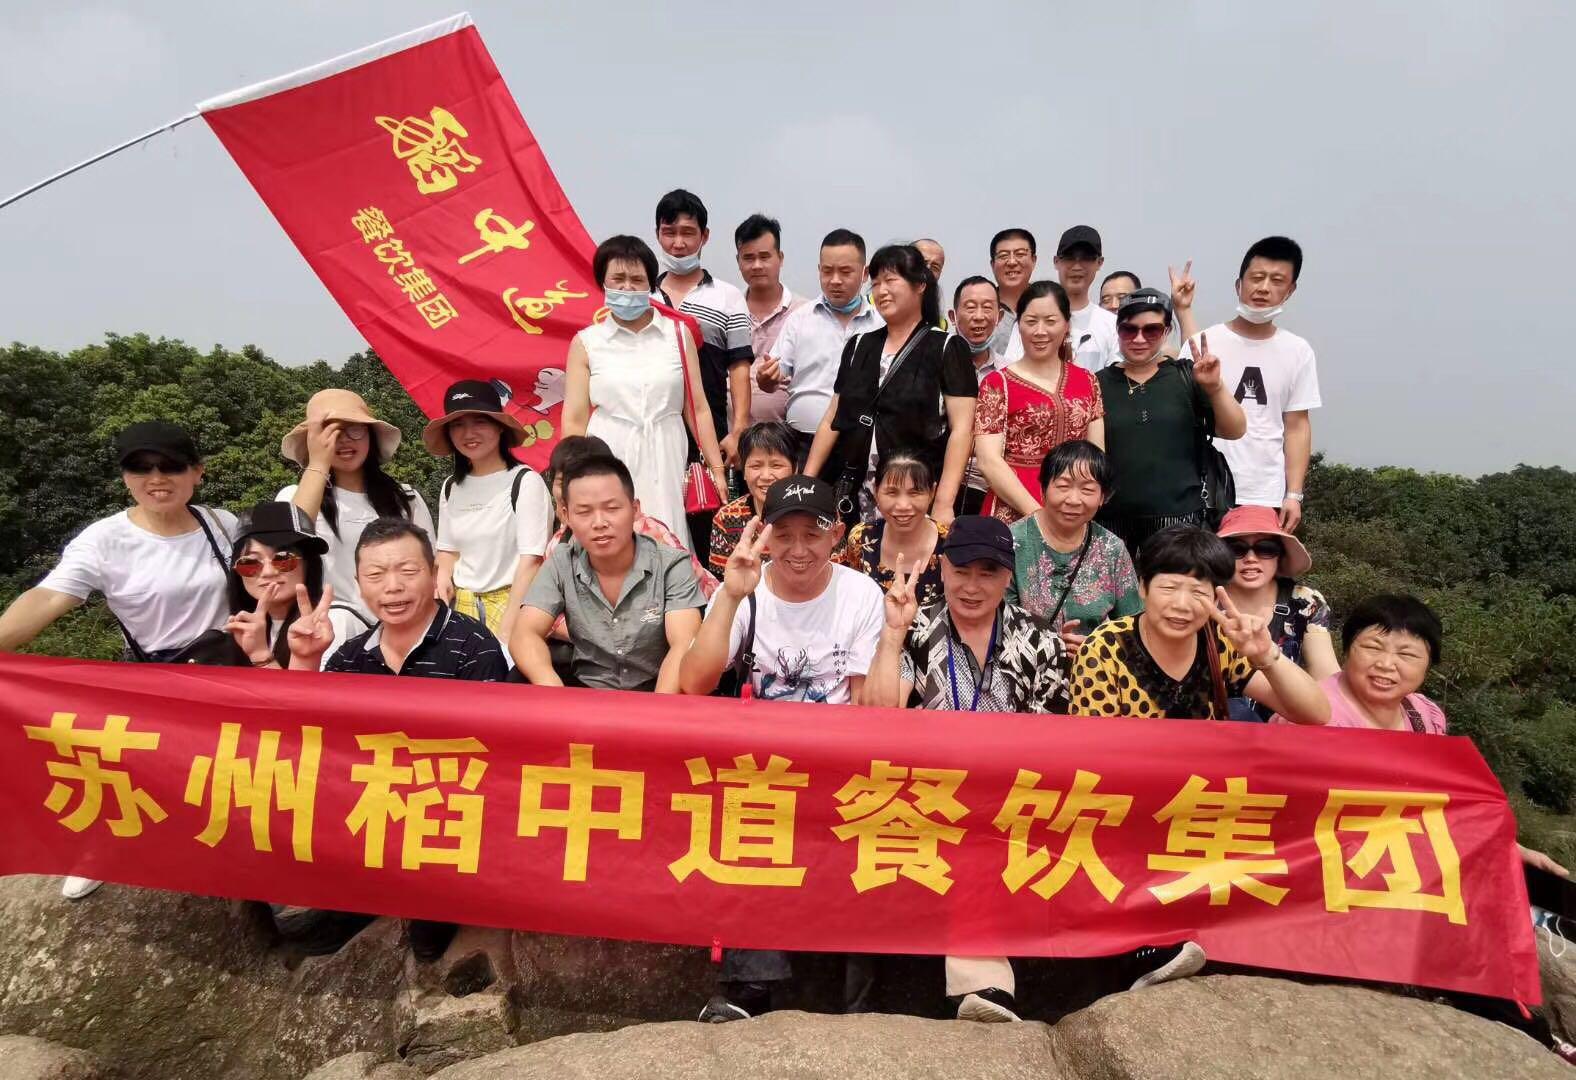 稻中道九周年主题月第二批员工爬山灵岩山活动